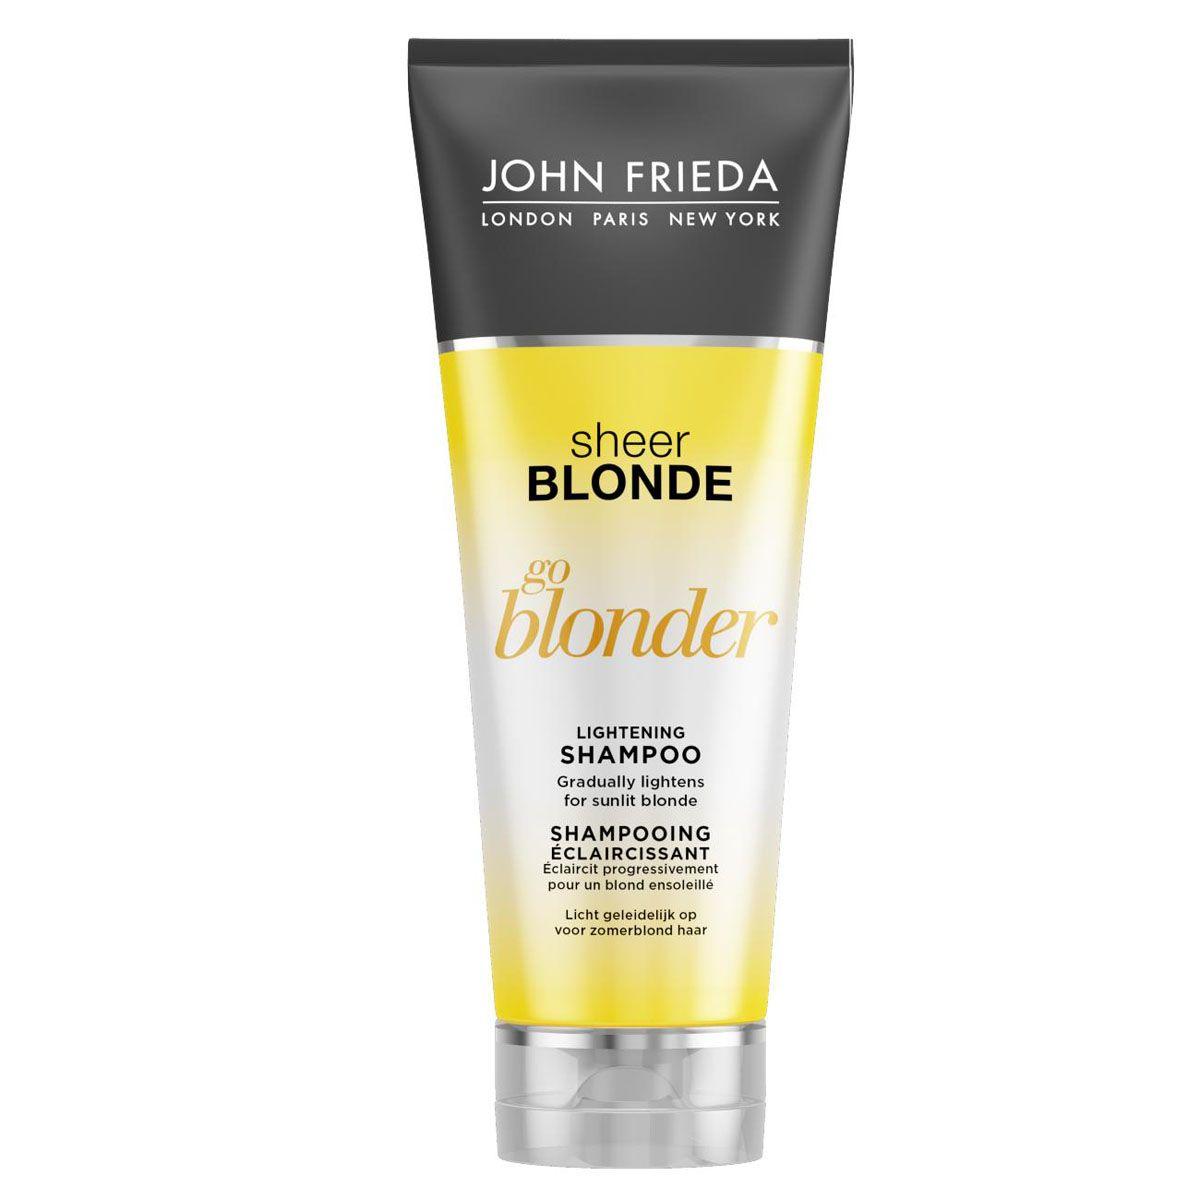 John Frieda Шампунь осветляющий для натуральных, мелированных и окрашенных волос Sheer Blonde Go Blonder 250 млjf211110Постепенно осветляет и создает заметный эффект солнечного поцелуя на светлых волосах. Светлые волосы становятся более яркими и мерцающими, заметный эффект солнечного поцелуя усиливает блеск светлых волос. Осветляющий шампунь Go Blonder возвращает волосам красоту, мягкость и здоровый вид, не пересушивает их.